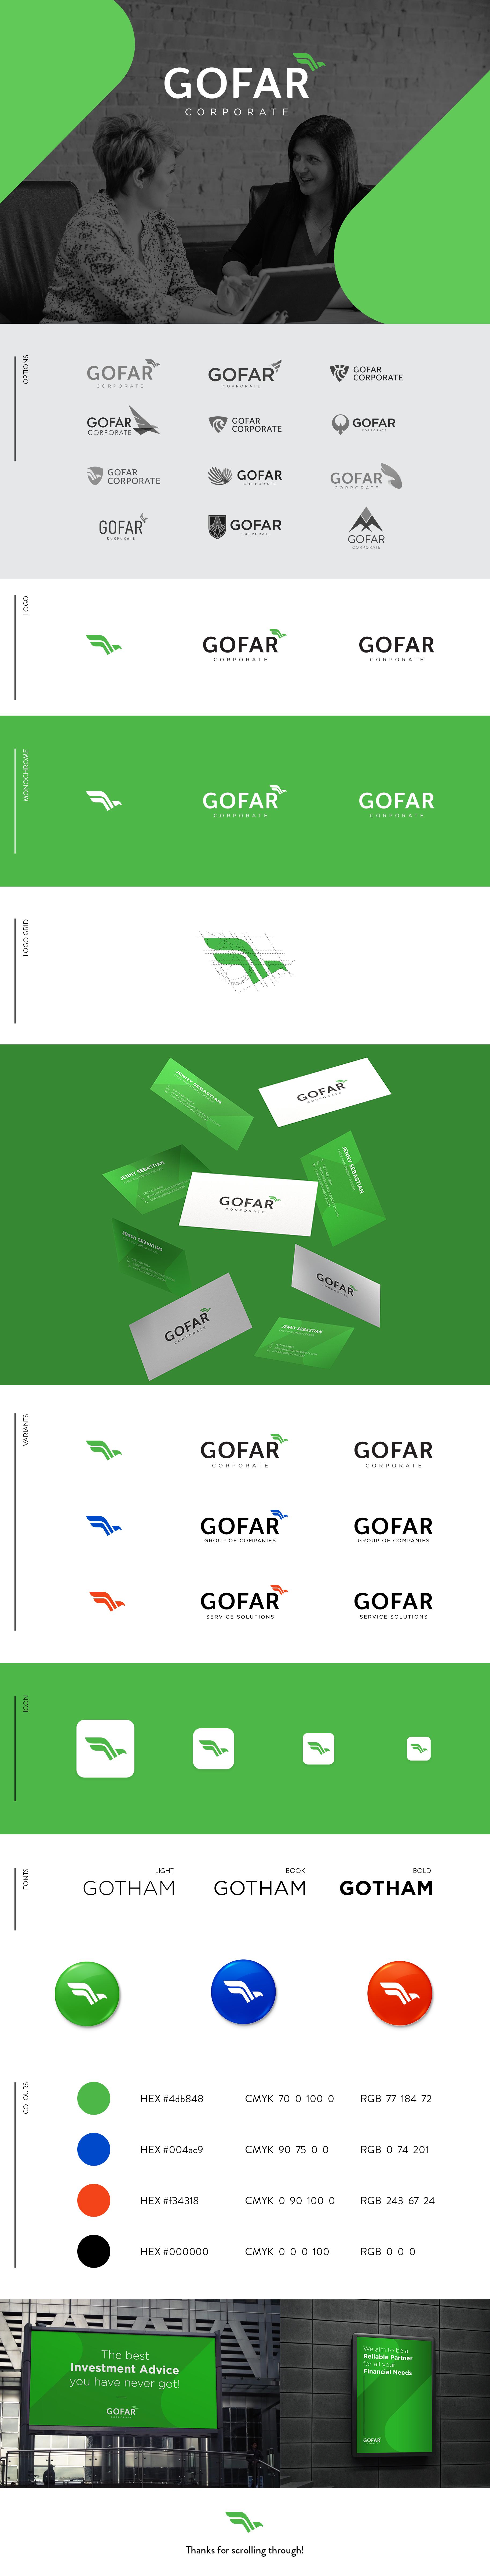 Gofar 2